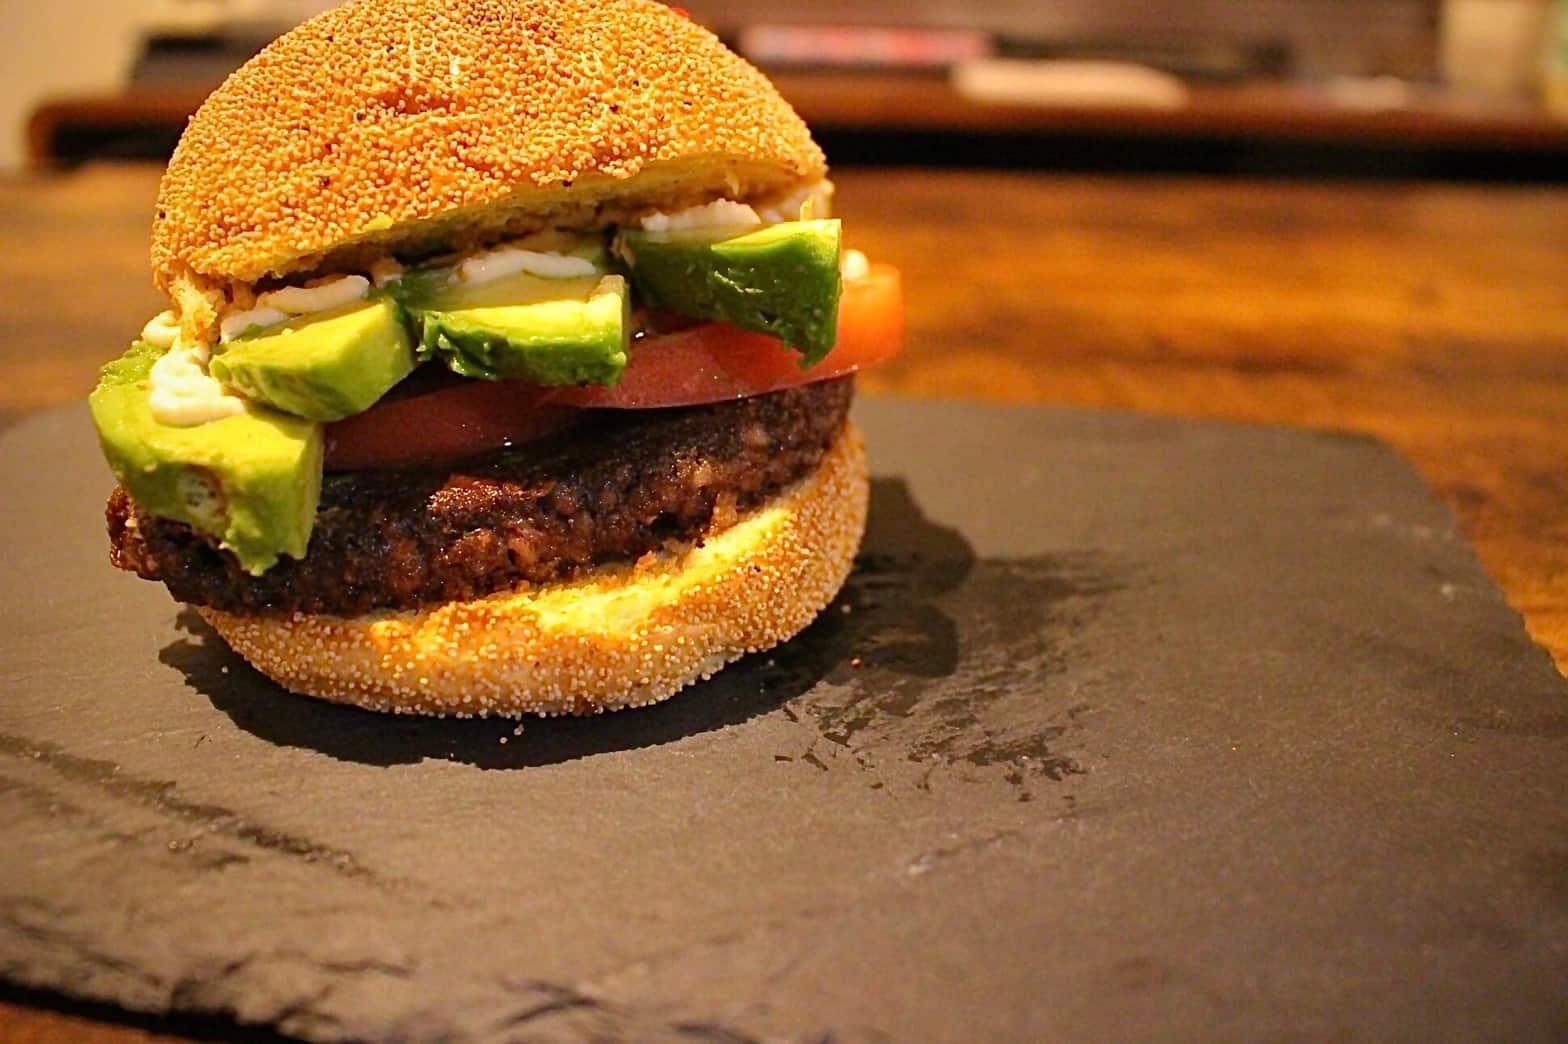 グリーンカルチャーの植物肉生パティを使ったハンバーガー